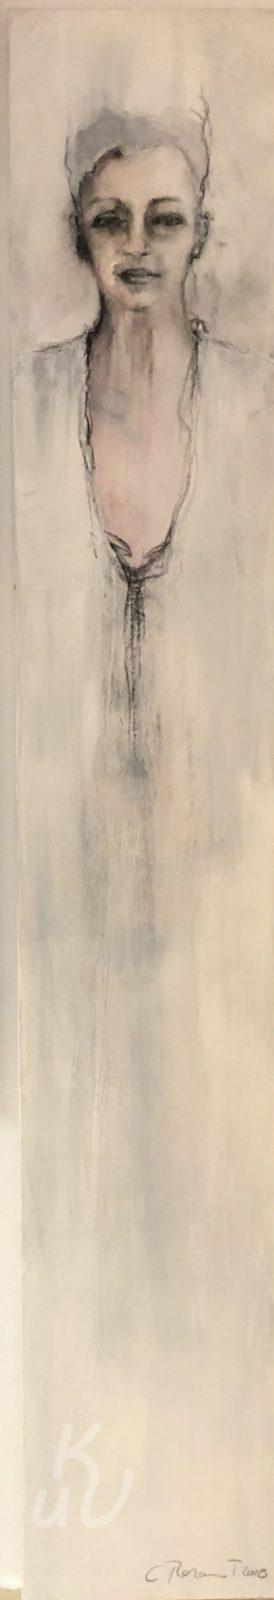 Eiskoenige 2 von Cerstin Thiemann